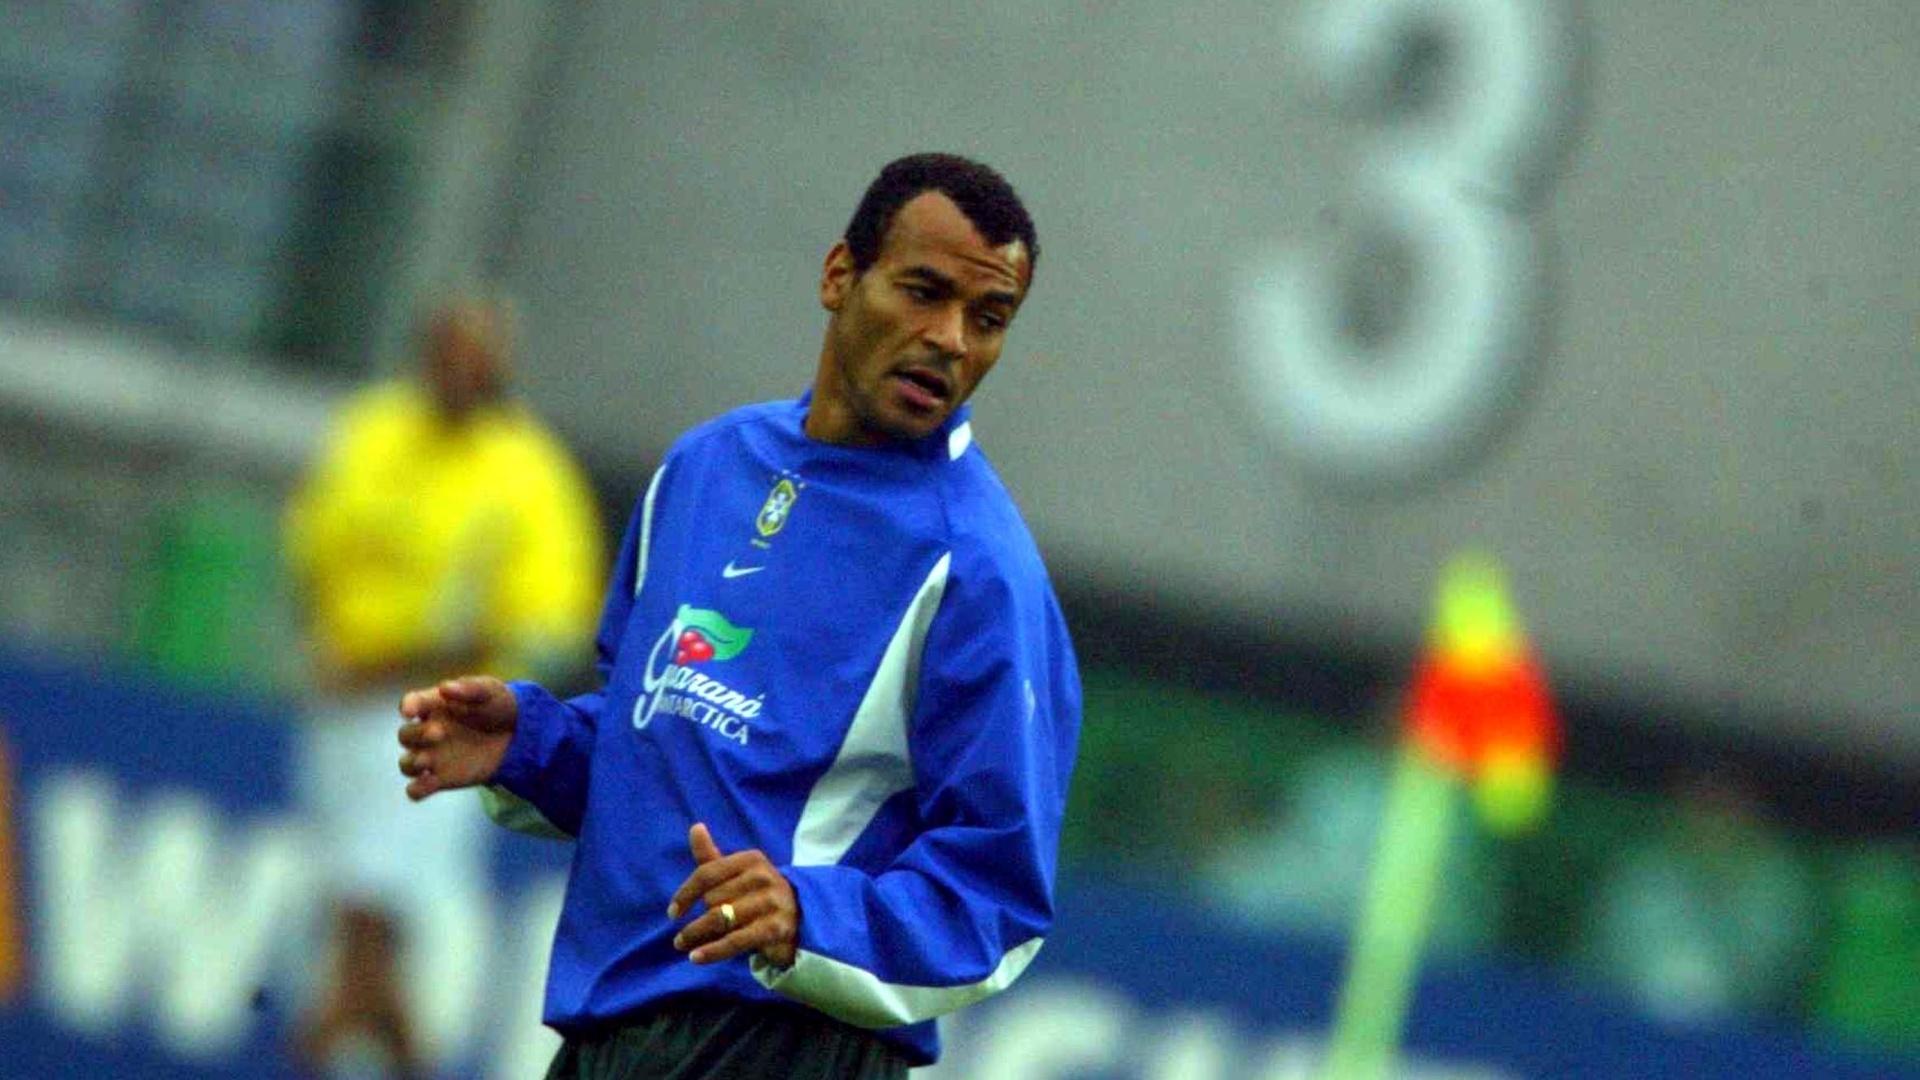 Cafu, lateral da seleção brasileira, durante treina da seleção na Copa de 2002